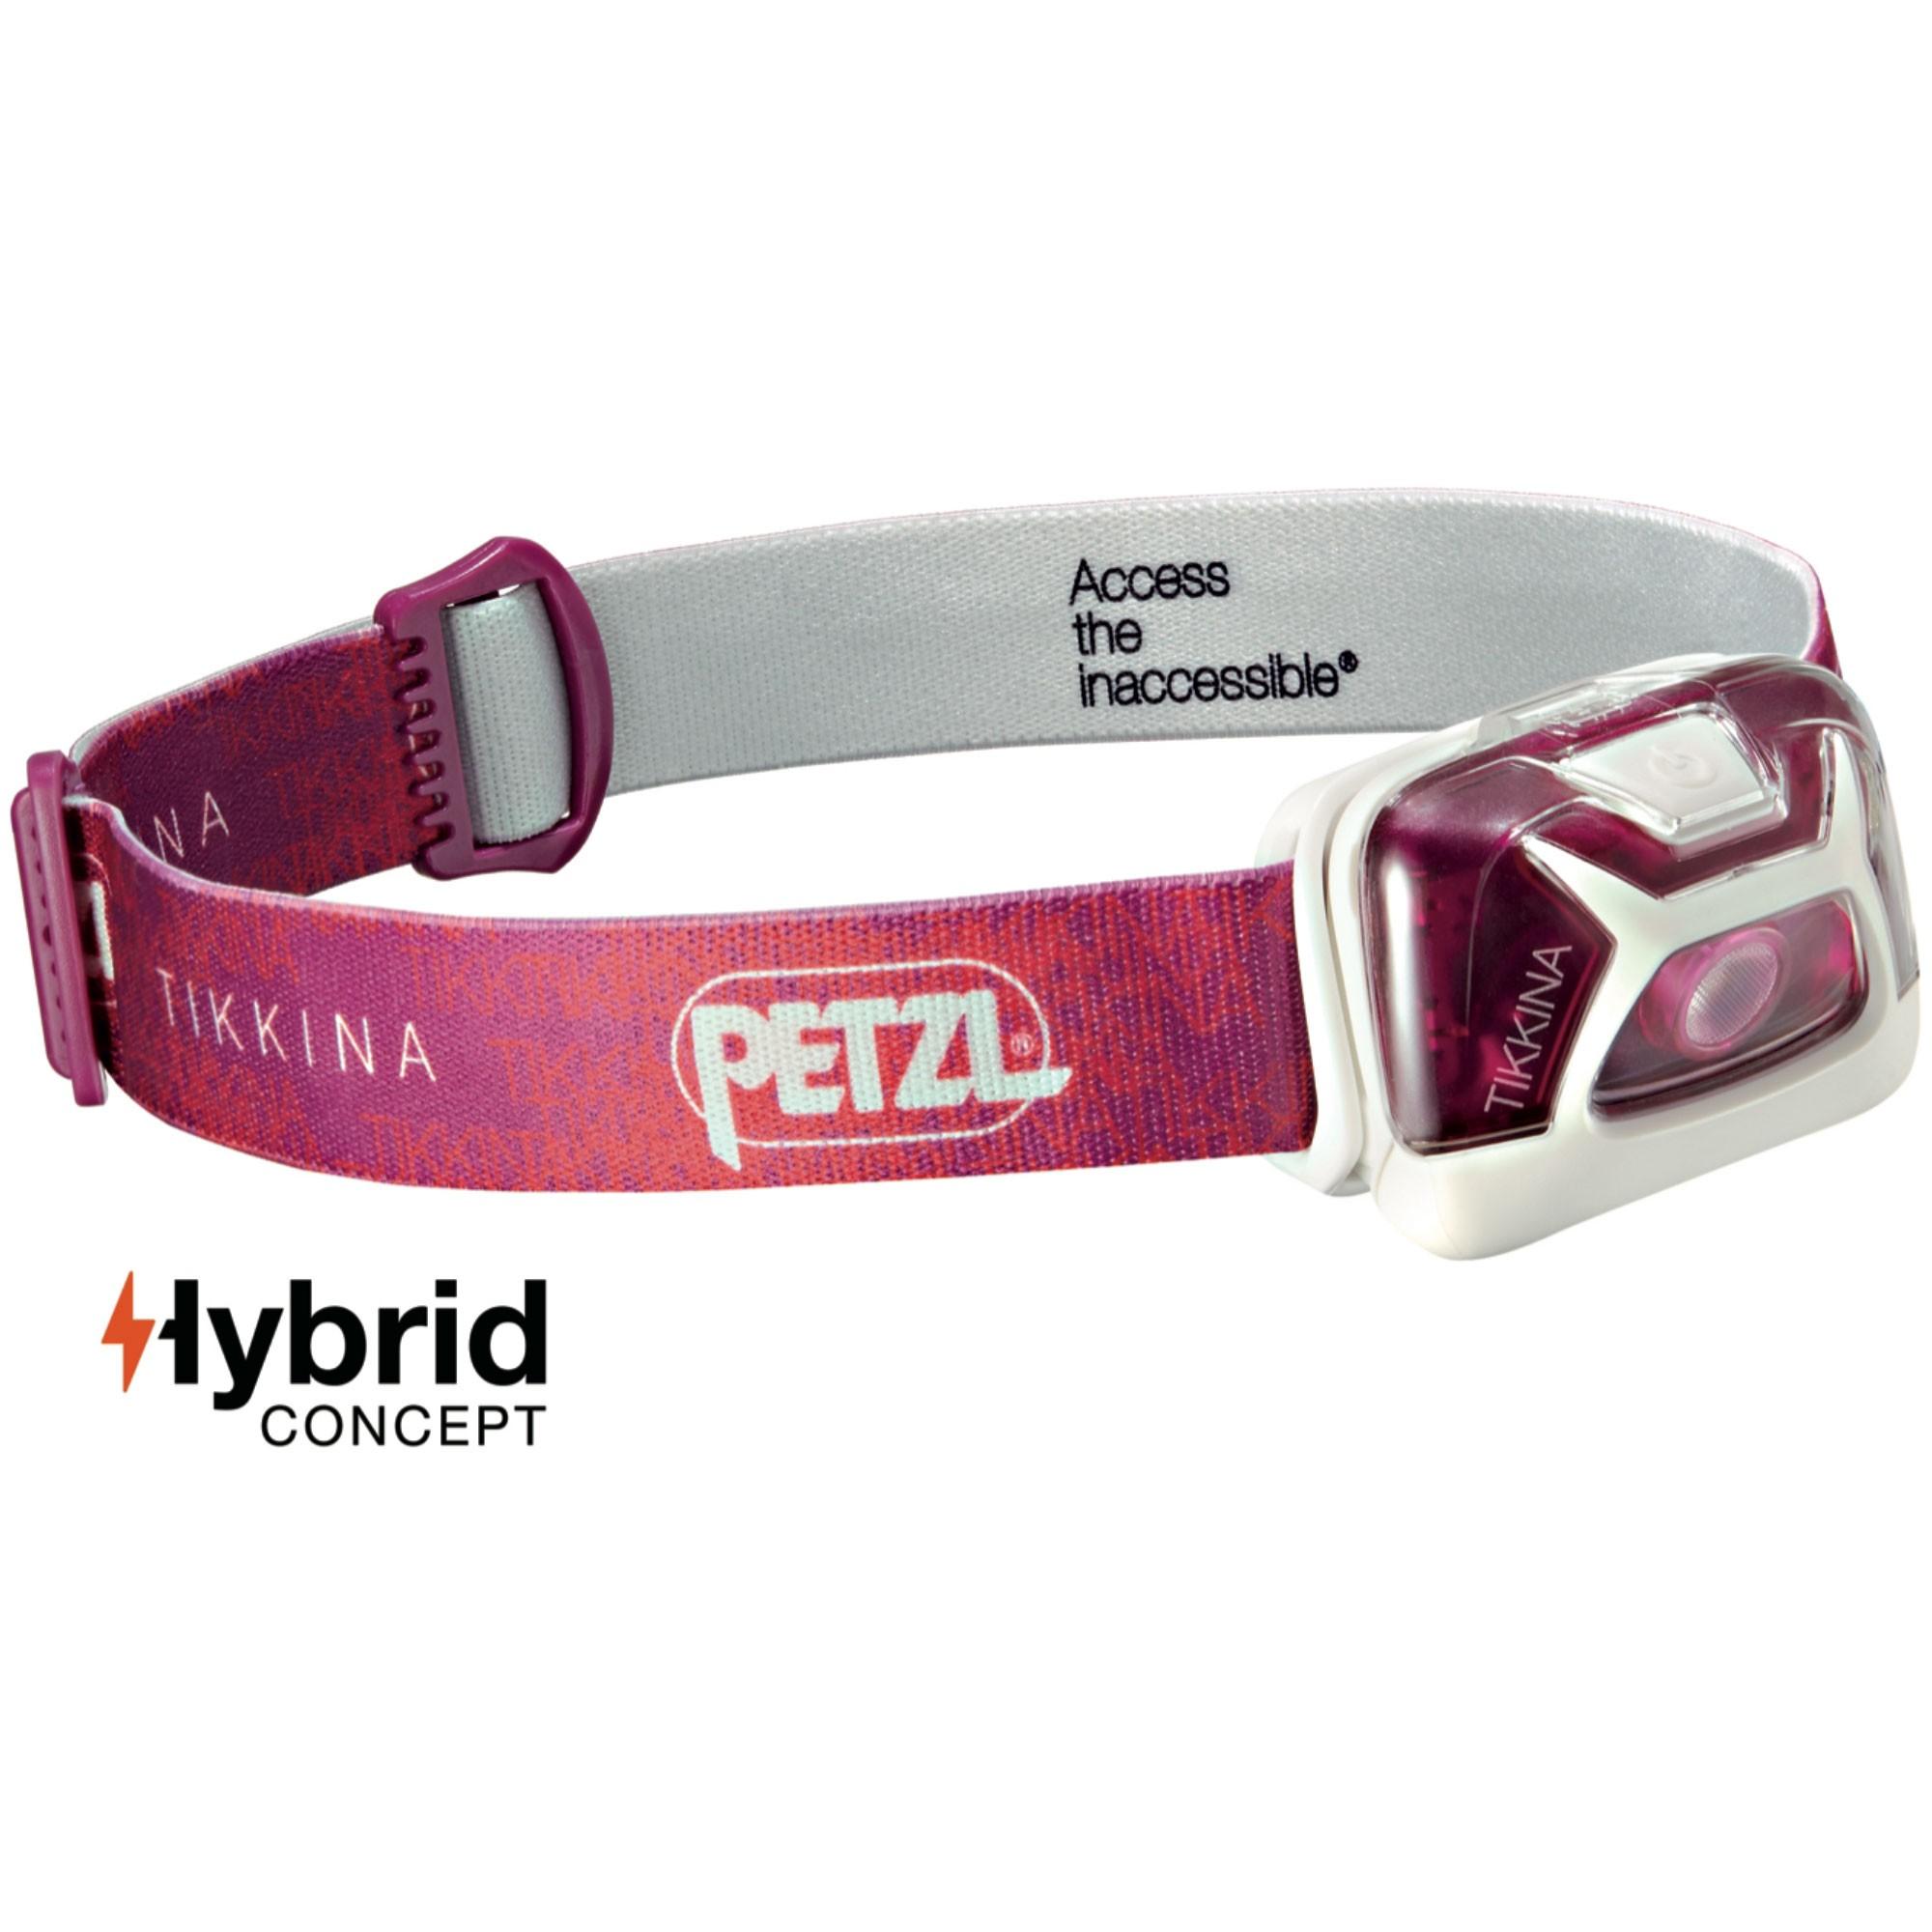 PETZL - Tikkina Headtorch - Pink